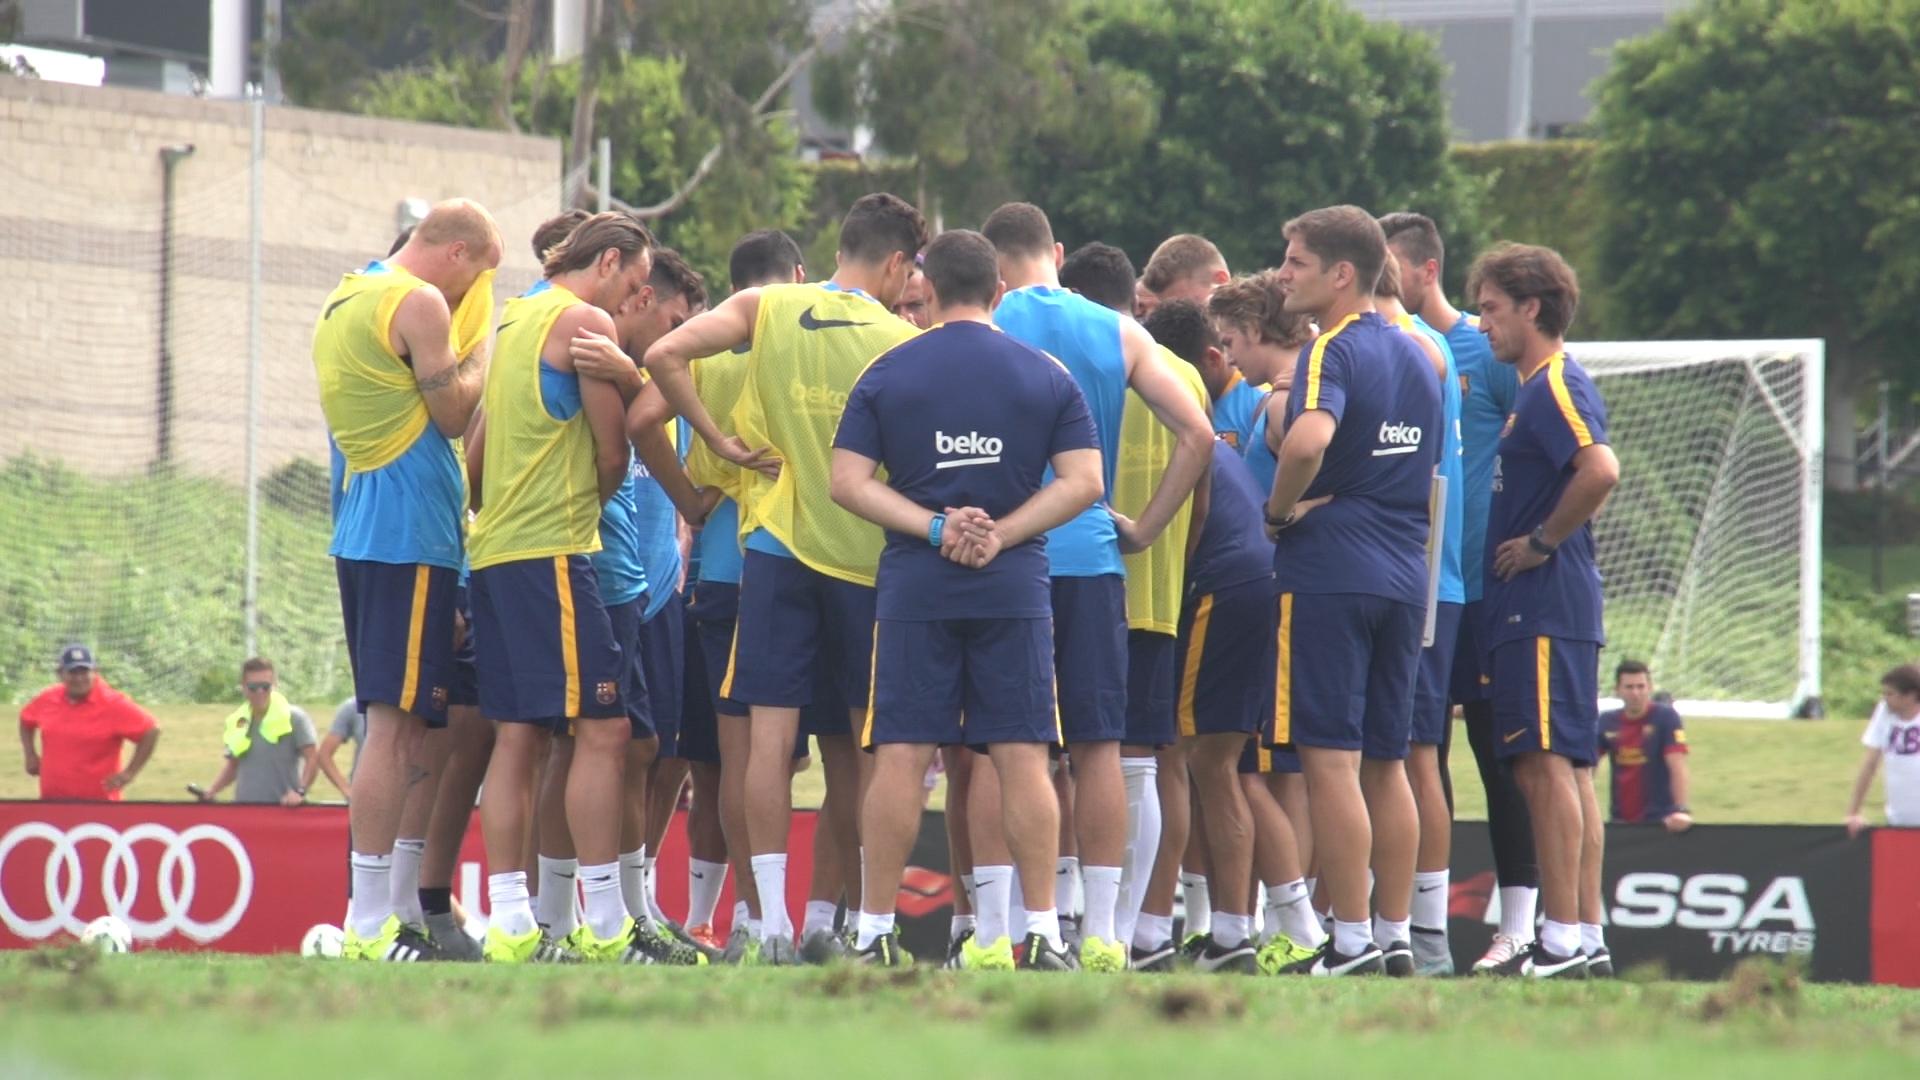 team hurdle - not LA Galaxy.MTS.00_00_17_05.Still001